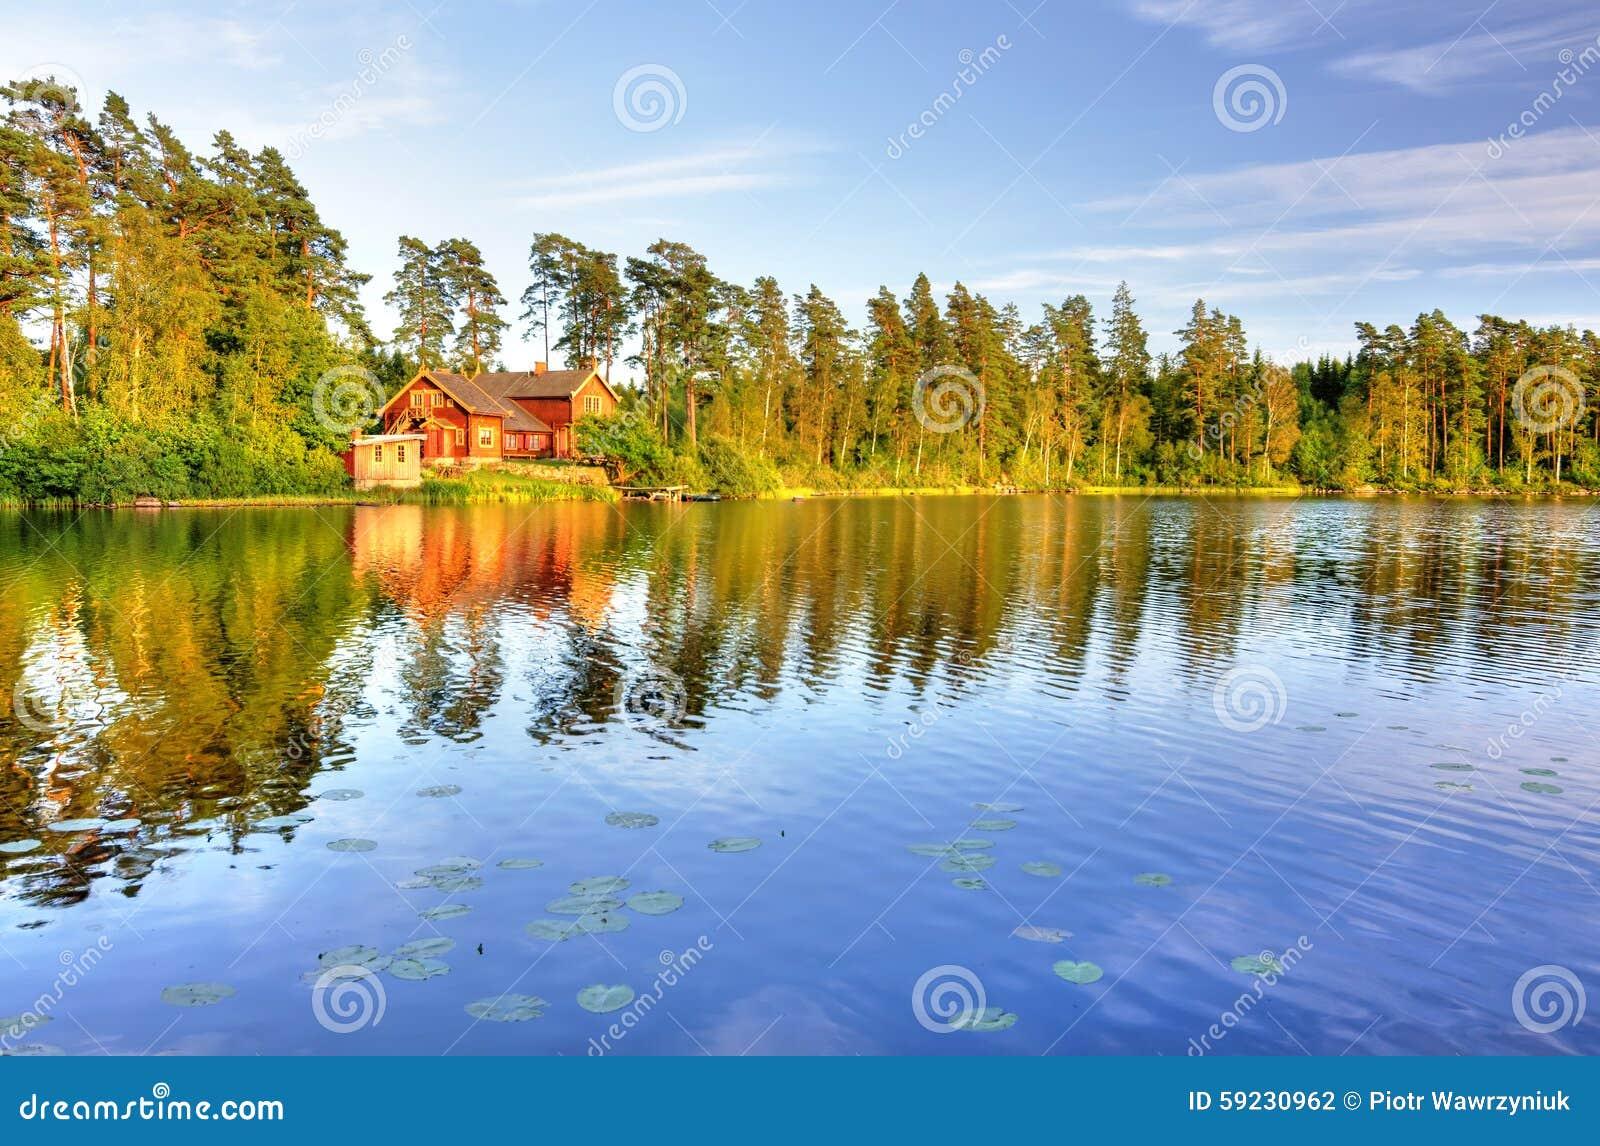 Download La casa del lago foto de archivo. Imagen de verano, escandinavia - 59230962